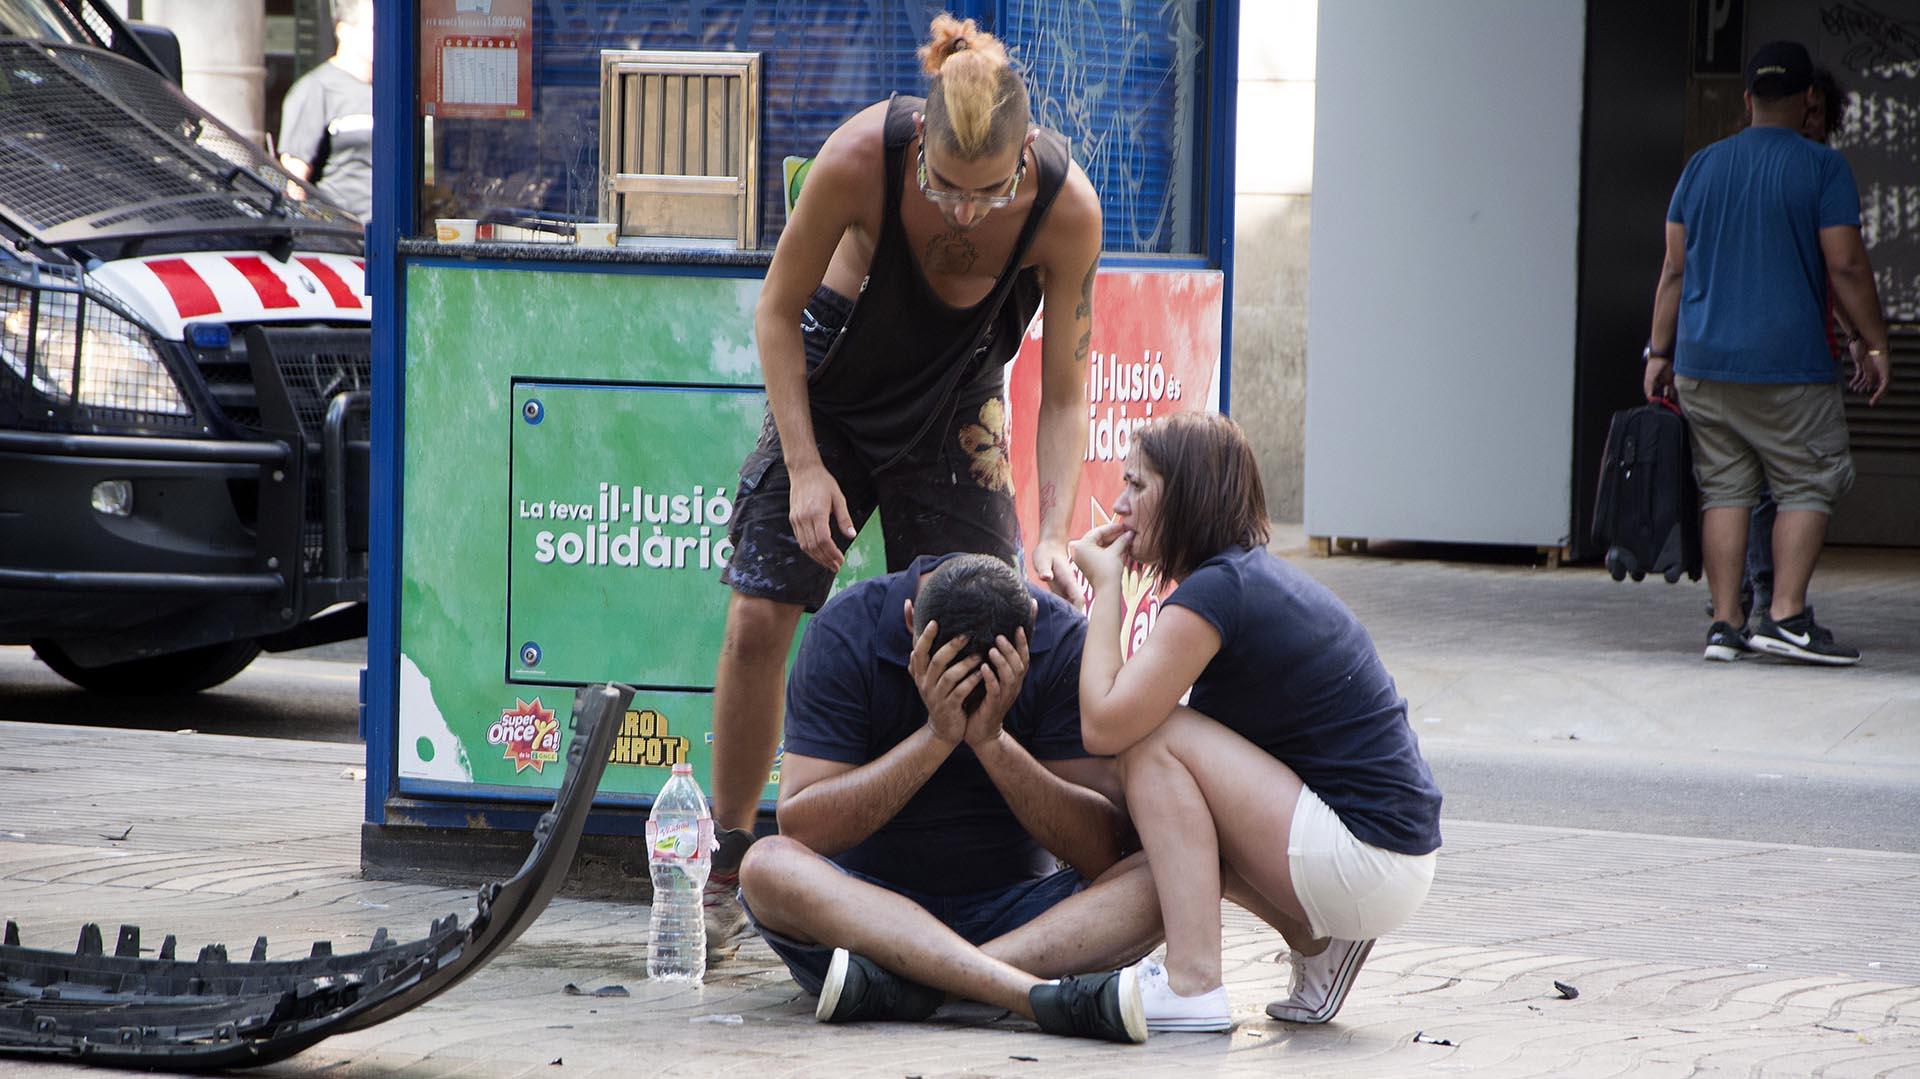 GRA180. BARCELONA, 17/08/2017.- Varios jóvenes permanecen junto a los restos de un vehículo, en el lugar del atropello masivo realizado por una furgoneta que ha arrollado esta tarde a varias personas que paseaban por las Ramblas de Barcelona. Los Mossos d'Esquadra y los equipos de emergencias sanitarias han desplegado un amplio dispositivo en esta zona, en el centro turístico de la capital catalana, frecuentada a diario por miles de turistas, que ha quedado acordonada. EFE/David Armengou